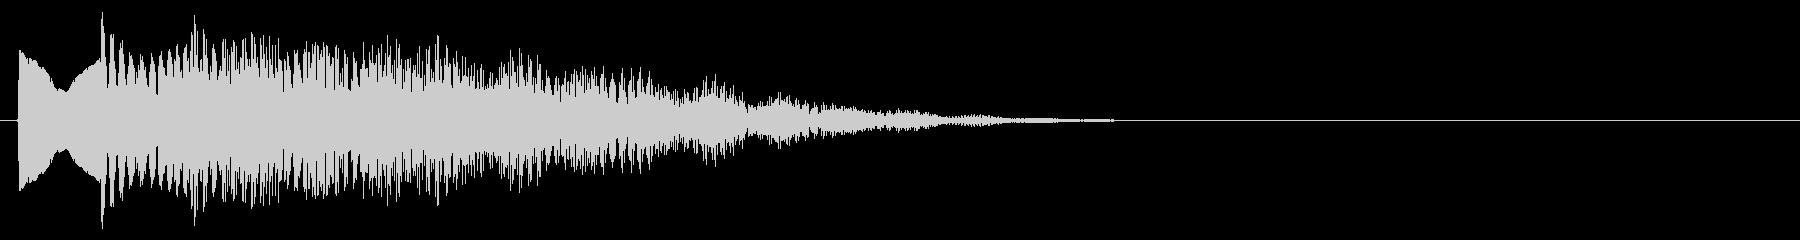 マレット系 決定音08(中)の未再生の波形